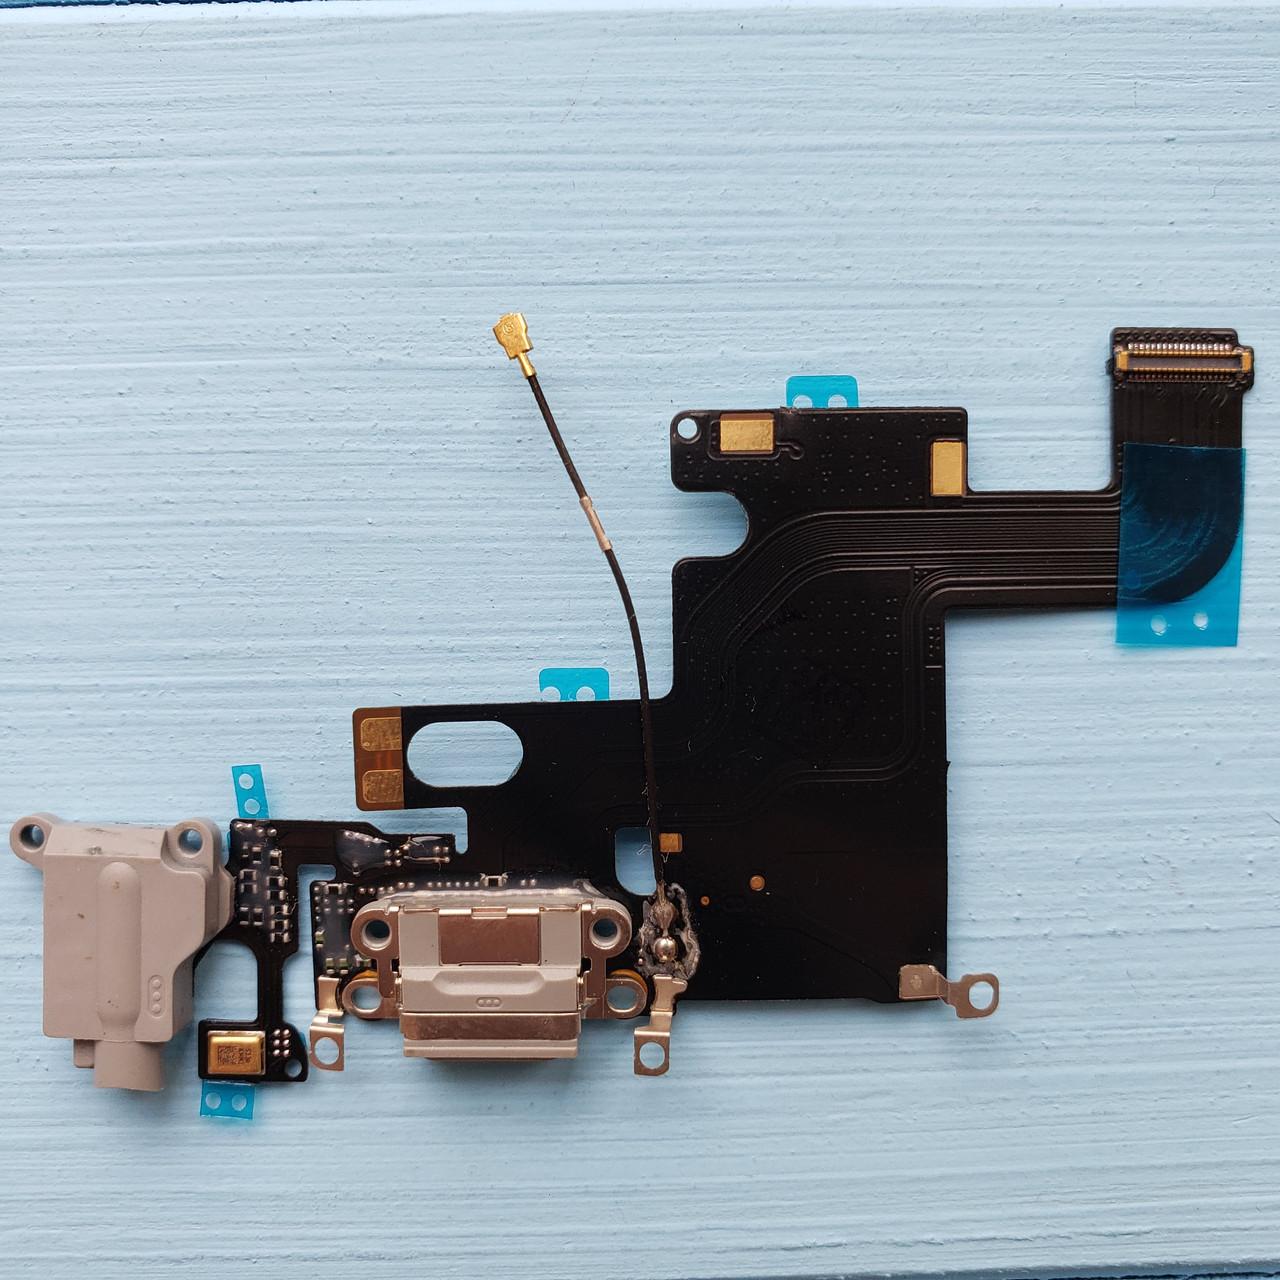 Шлейф Apple iPhone 6 коннектора зарядки, коннектора наушников, с компонентами Space Gray